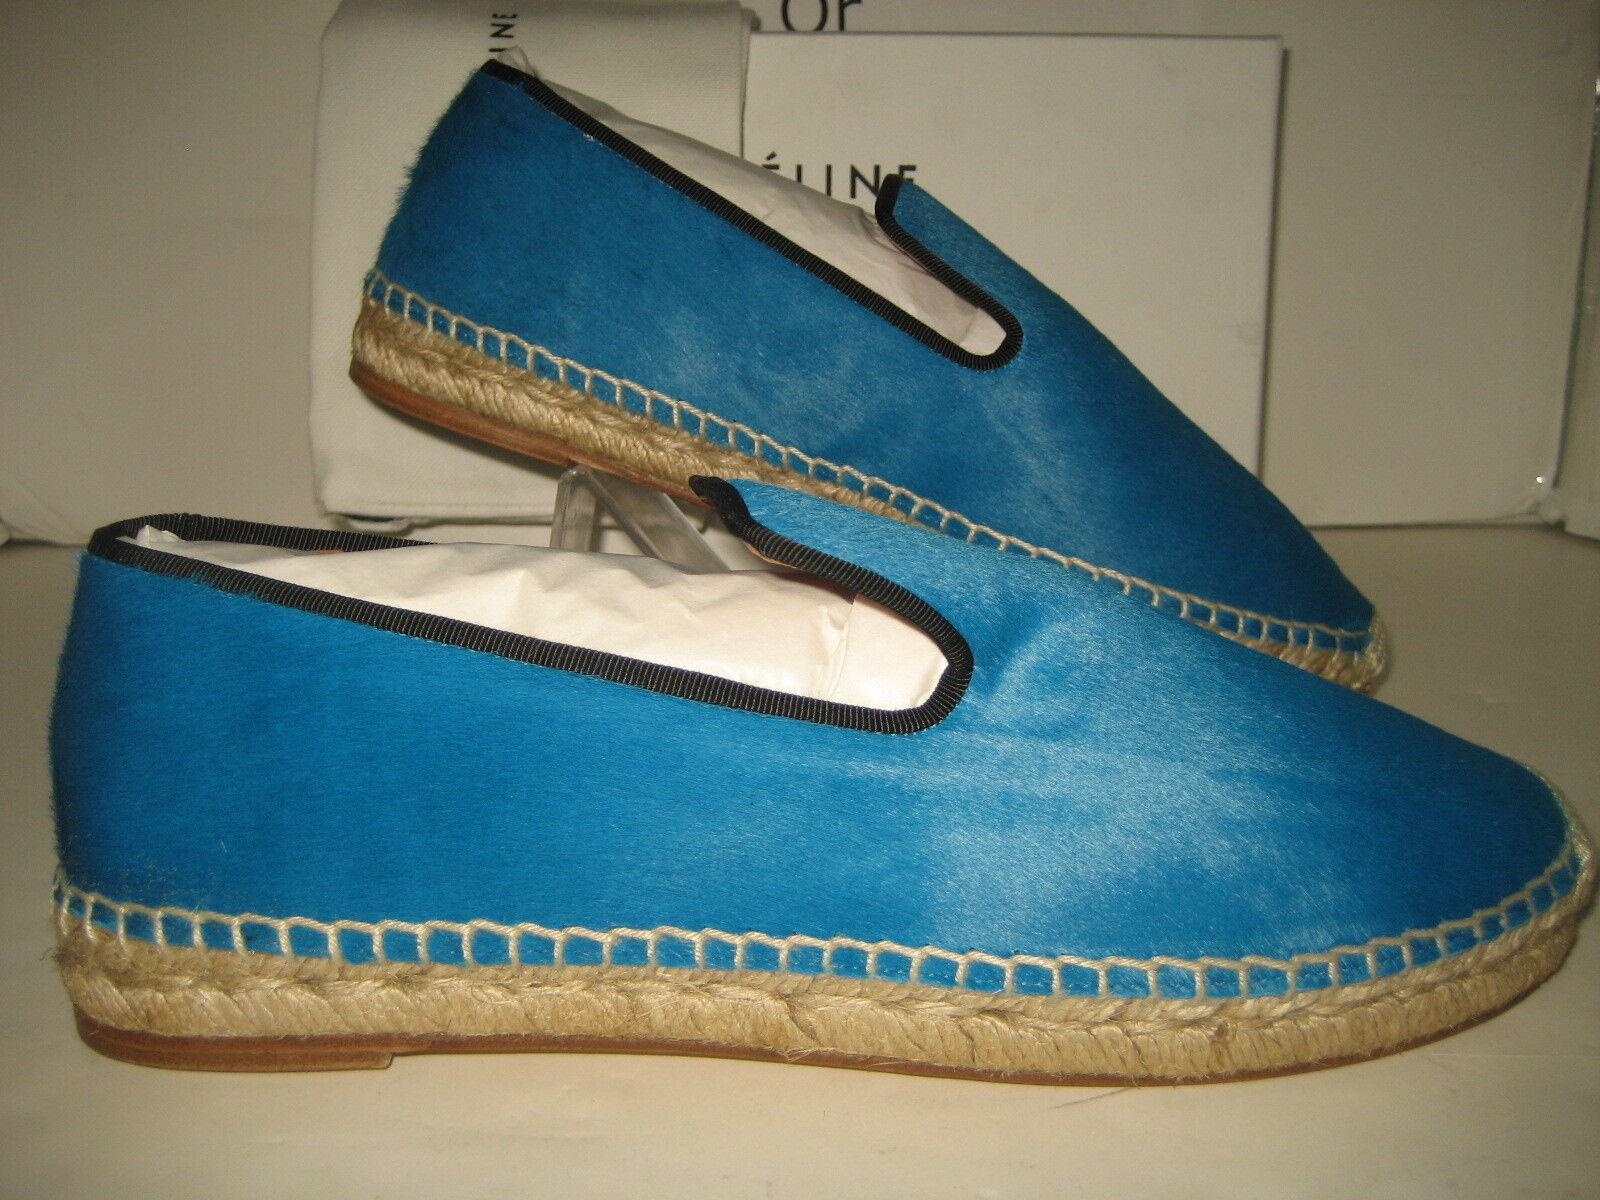 950 Nueva Celine US 5 5 5 EU 35 Turquesa Pony Cabello Alpargatas Mocasines Sin Cordones Zapatos  comprar barato